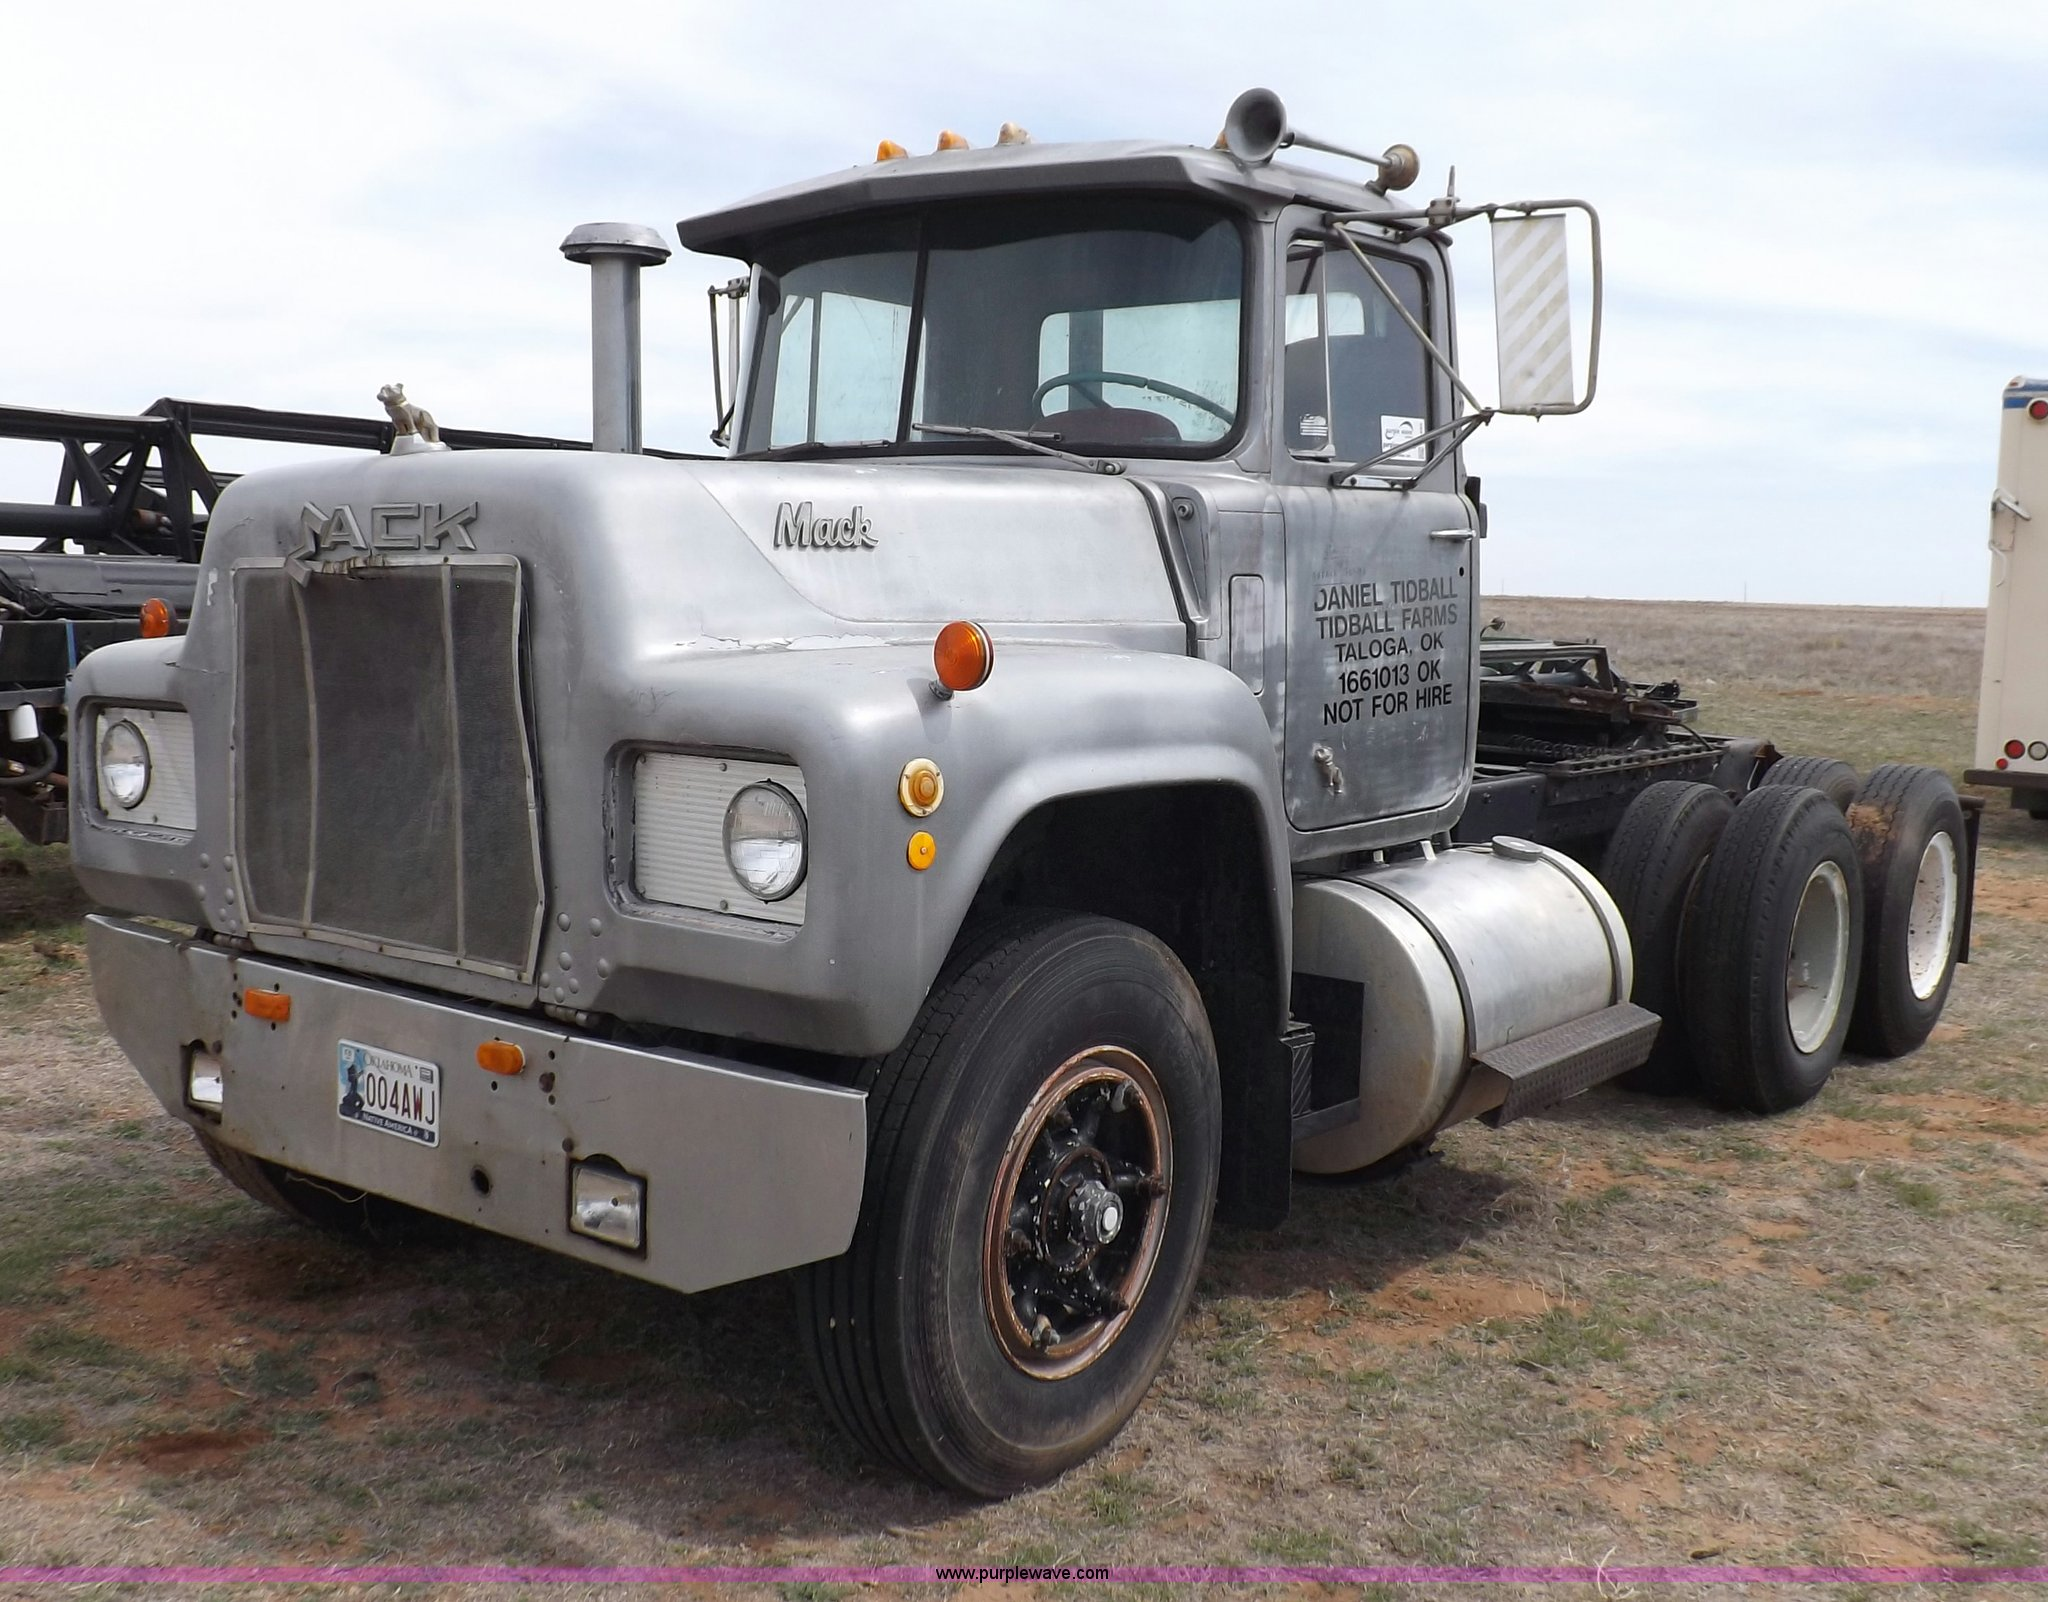 1969 mack truck wiring 1969 mack r600 semi truck item f6493 5 1 2013  1969 mack r600 semi truck item f6493